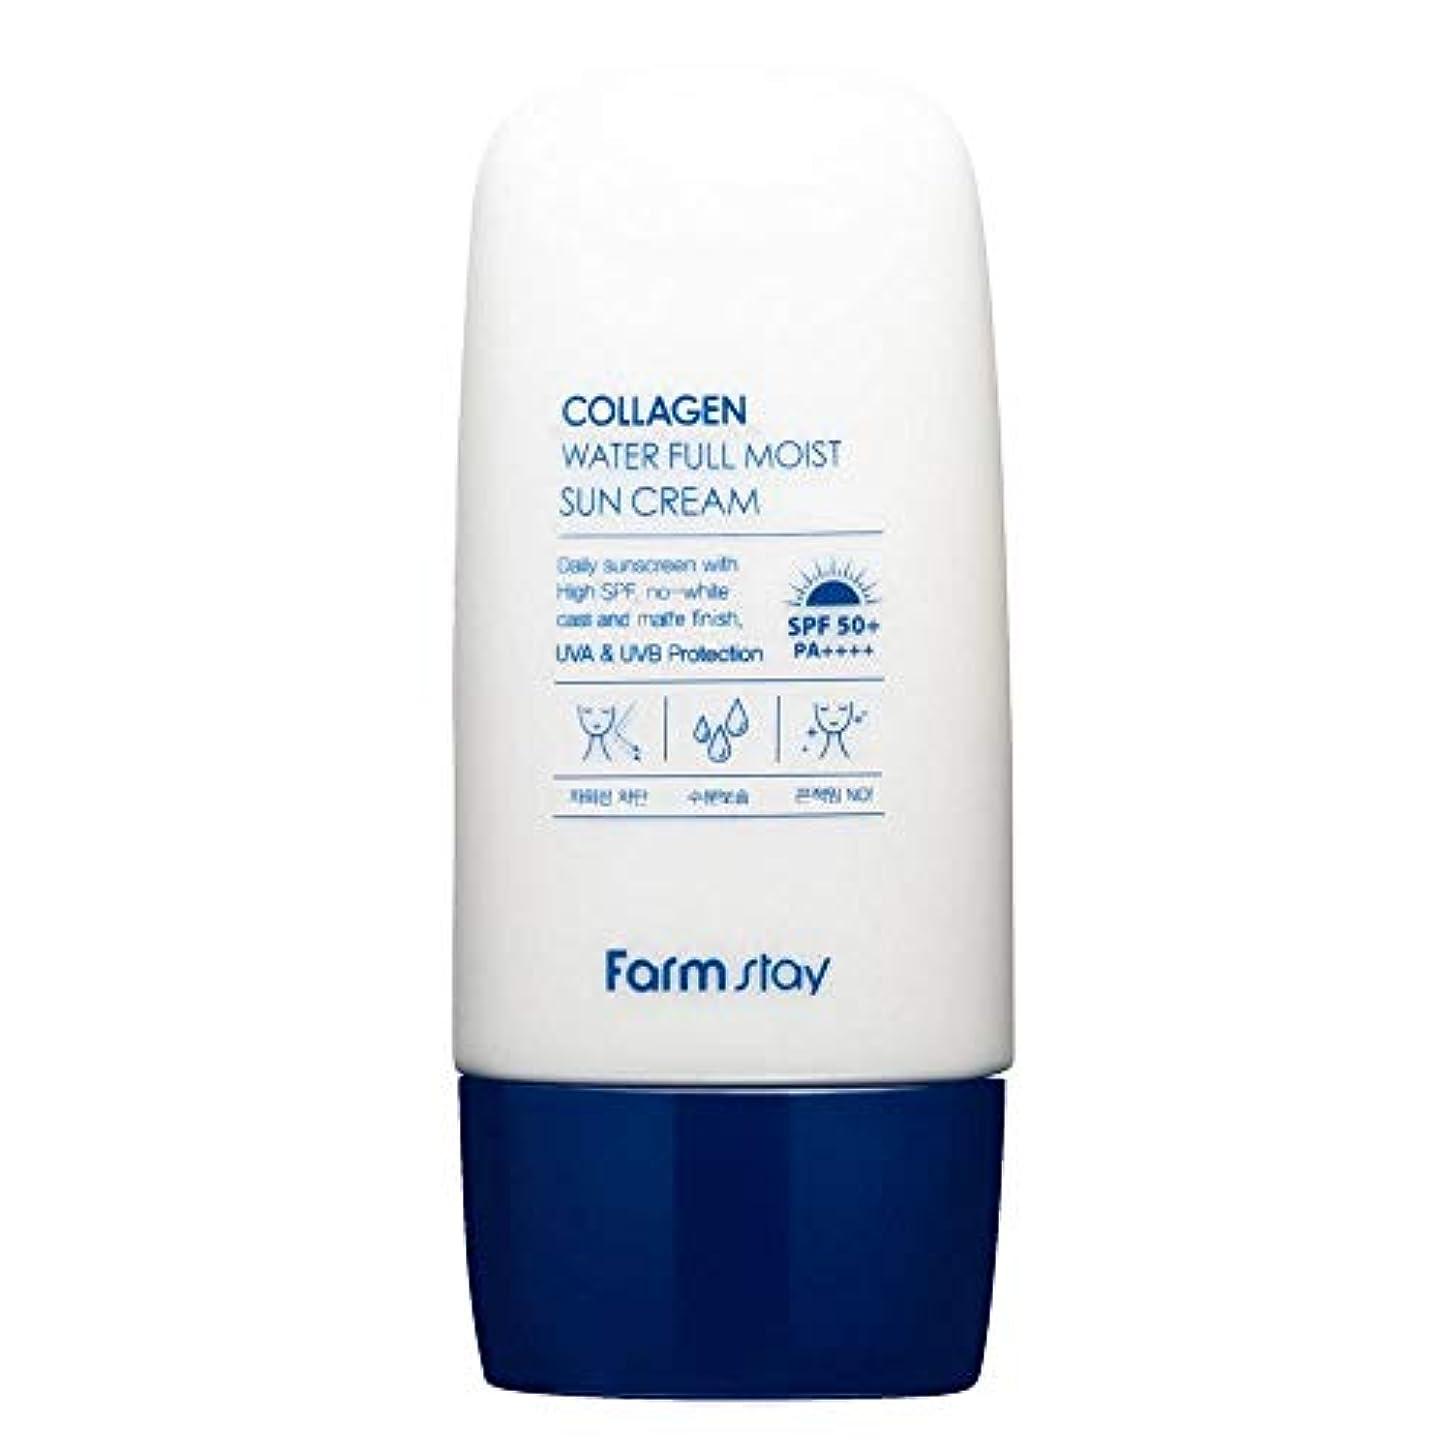 金額回路滞在ファームステイ[Farm Stay] コラーゲンウォーターフルモイストサンクリーム45g / Collagen Water Full Moist Sun Cream